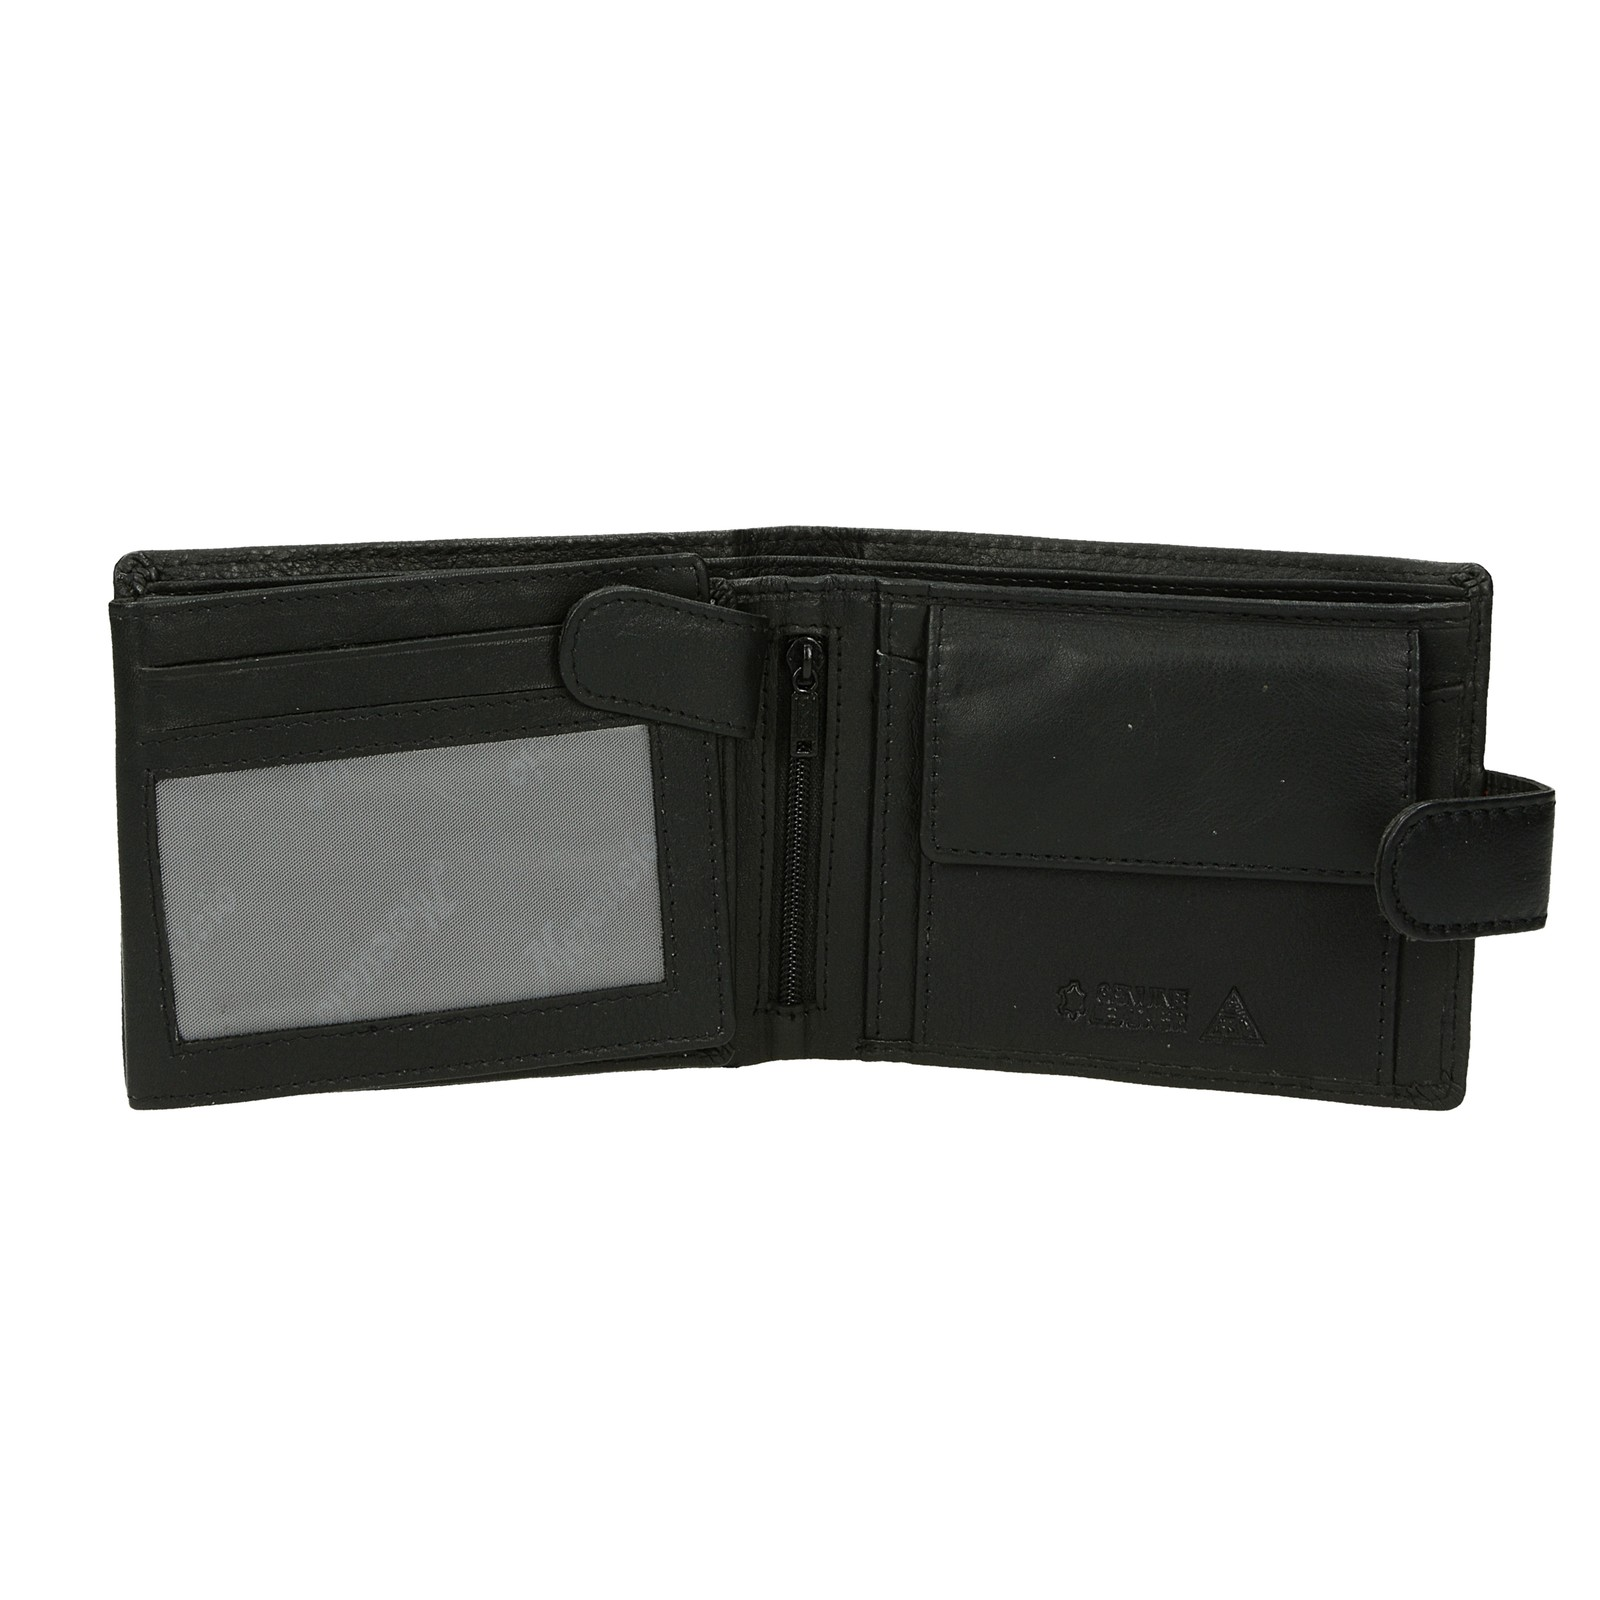 Mercucio pánska kožená peňaženka - čierna